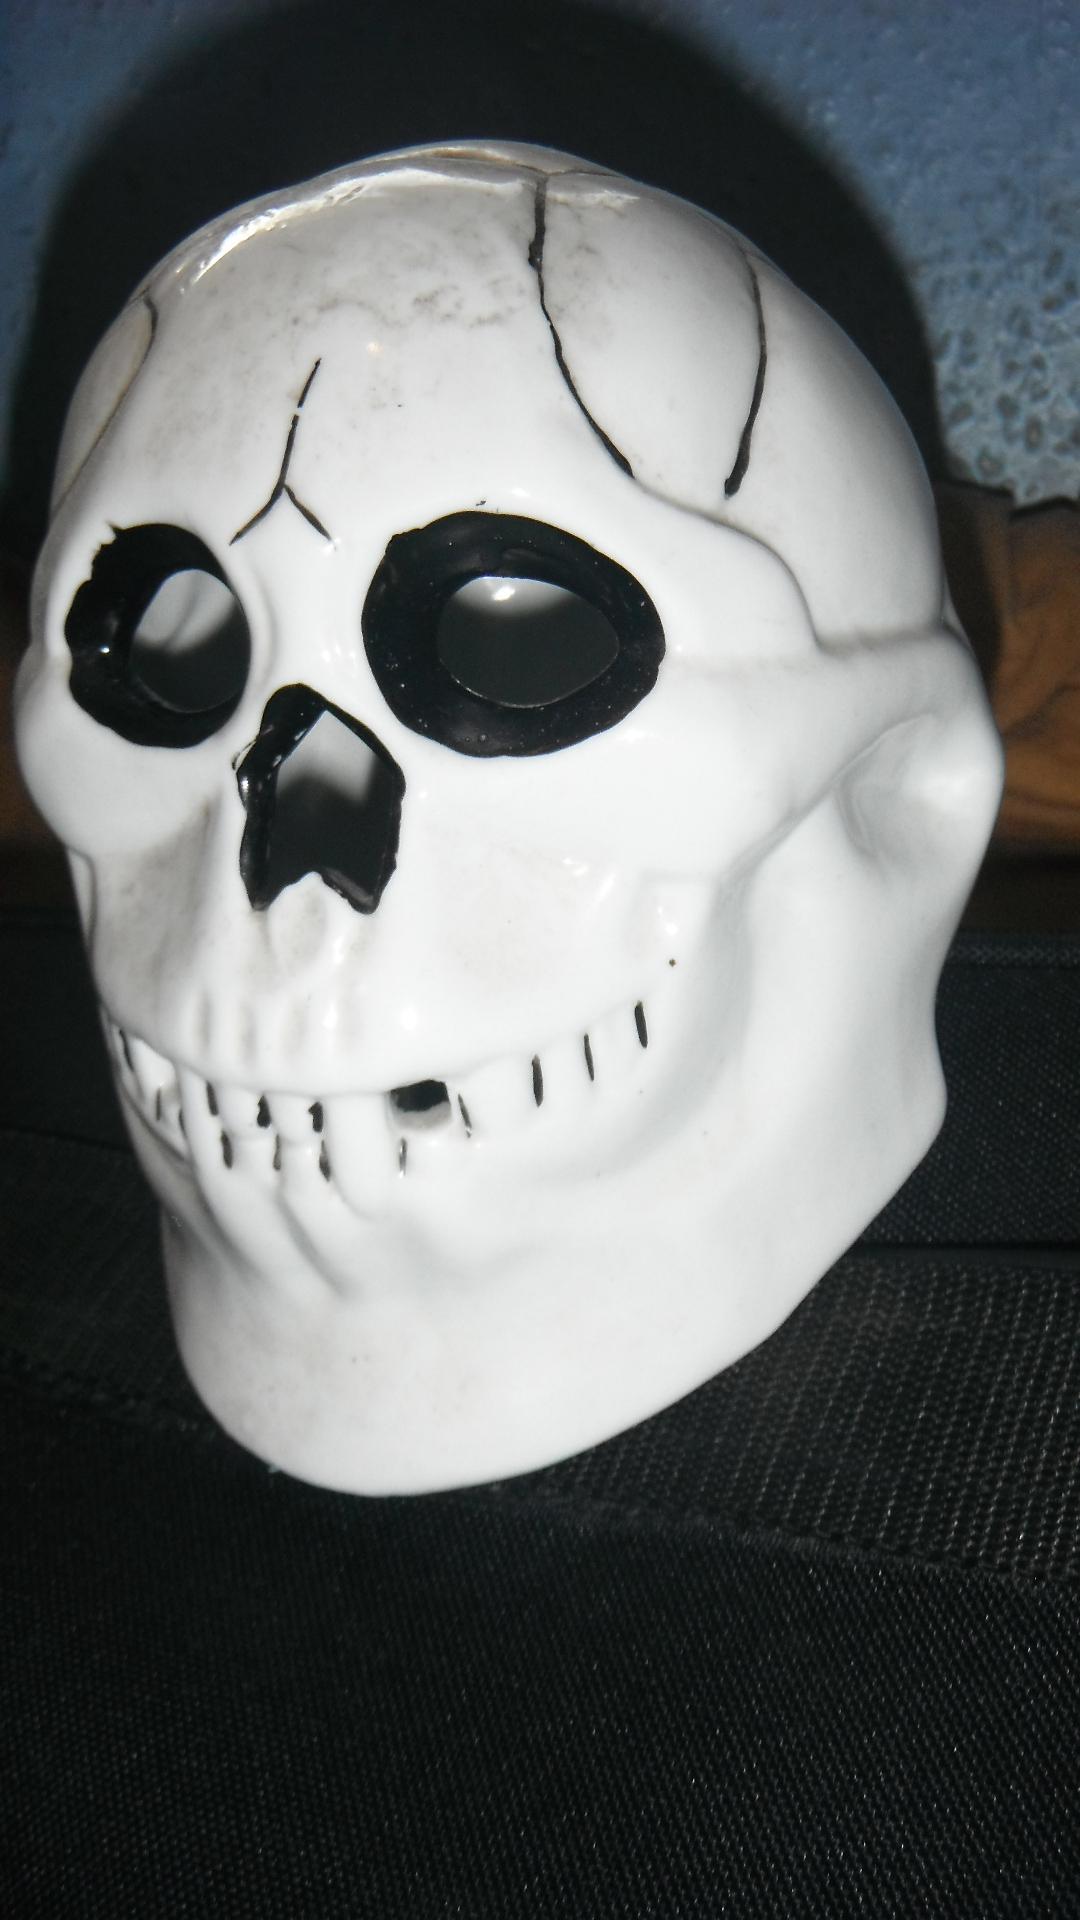 horror skull, taken by me